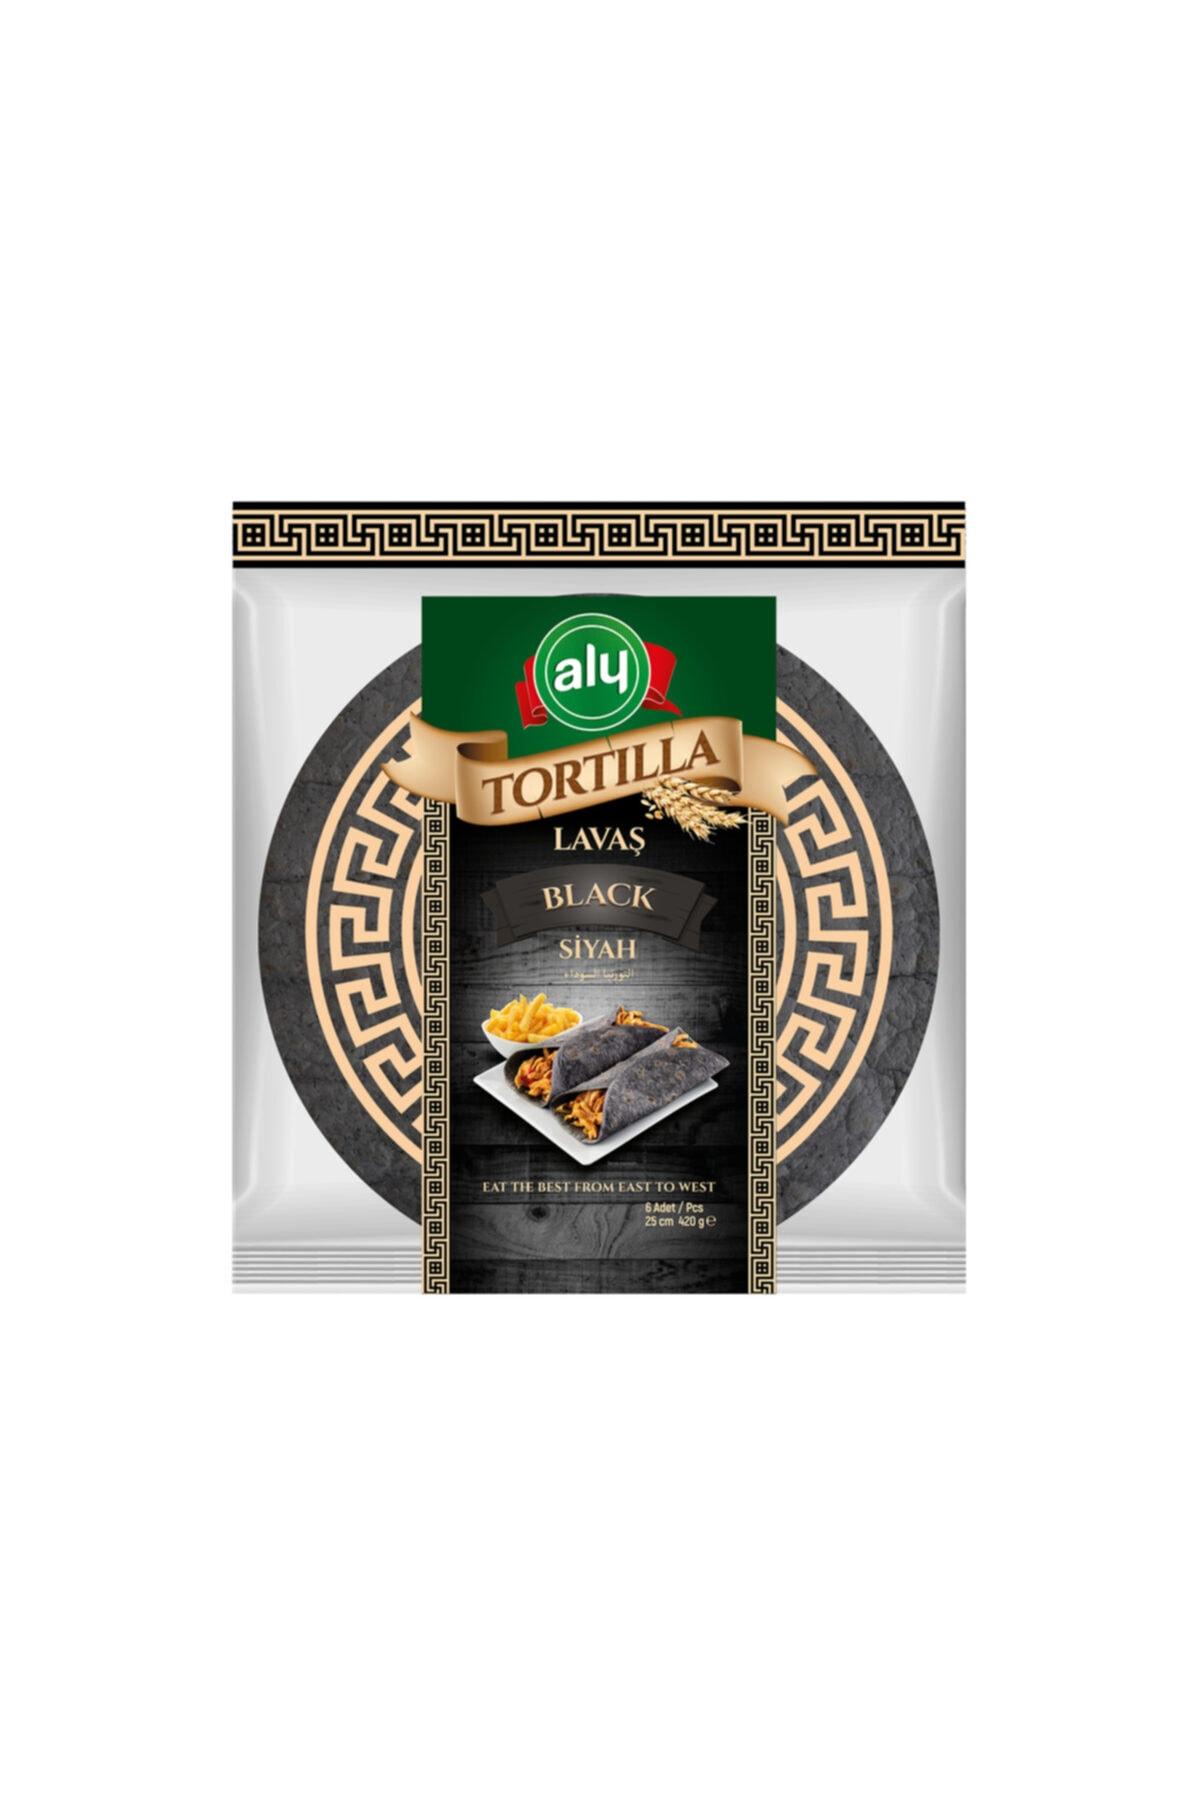 Siyah Tortilla Lavaş 25 cm 6'lı Paket 420 gr